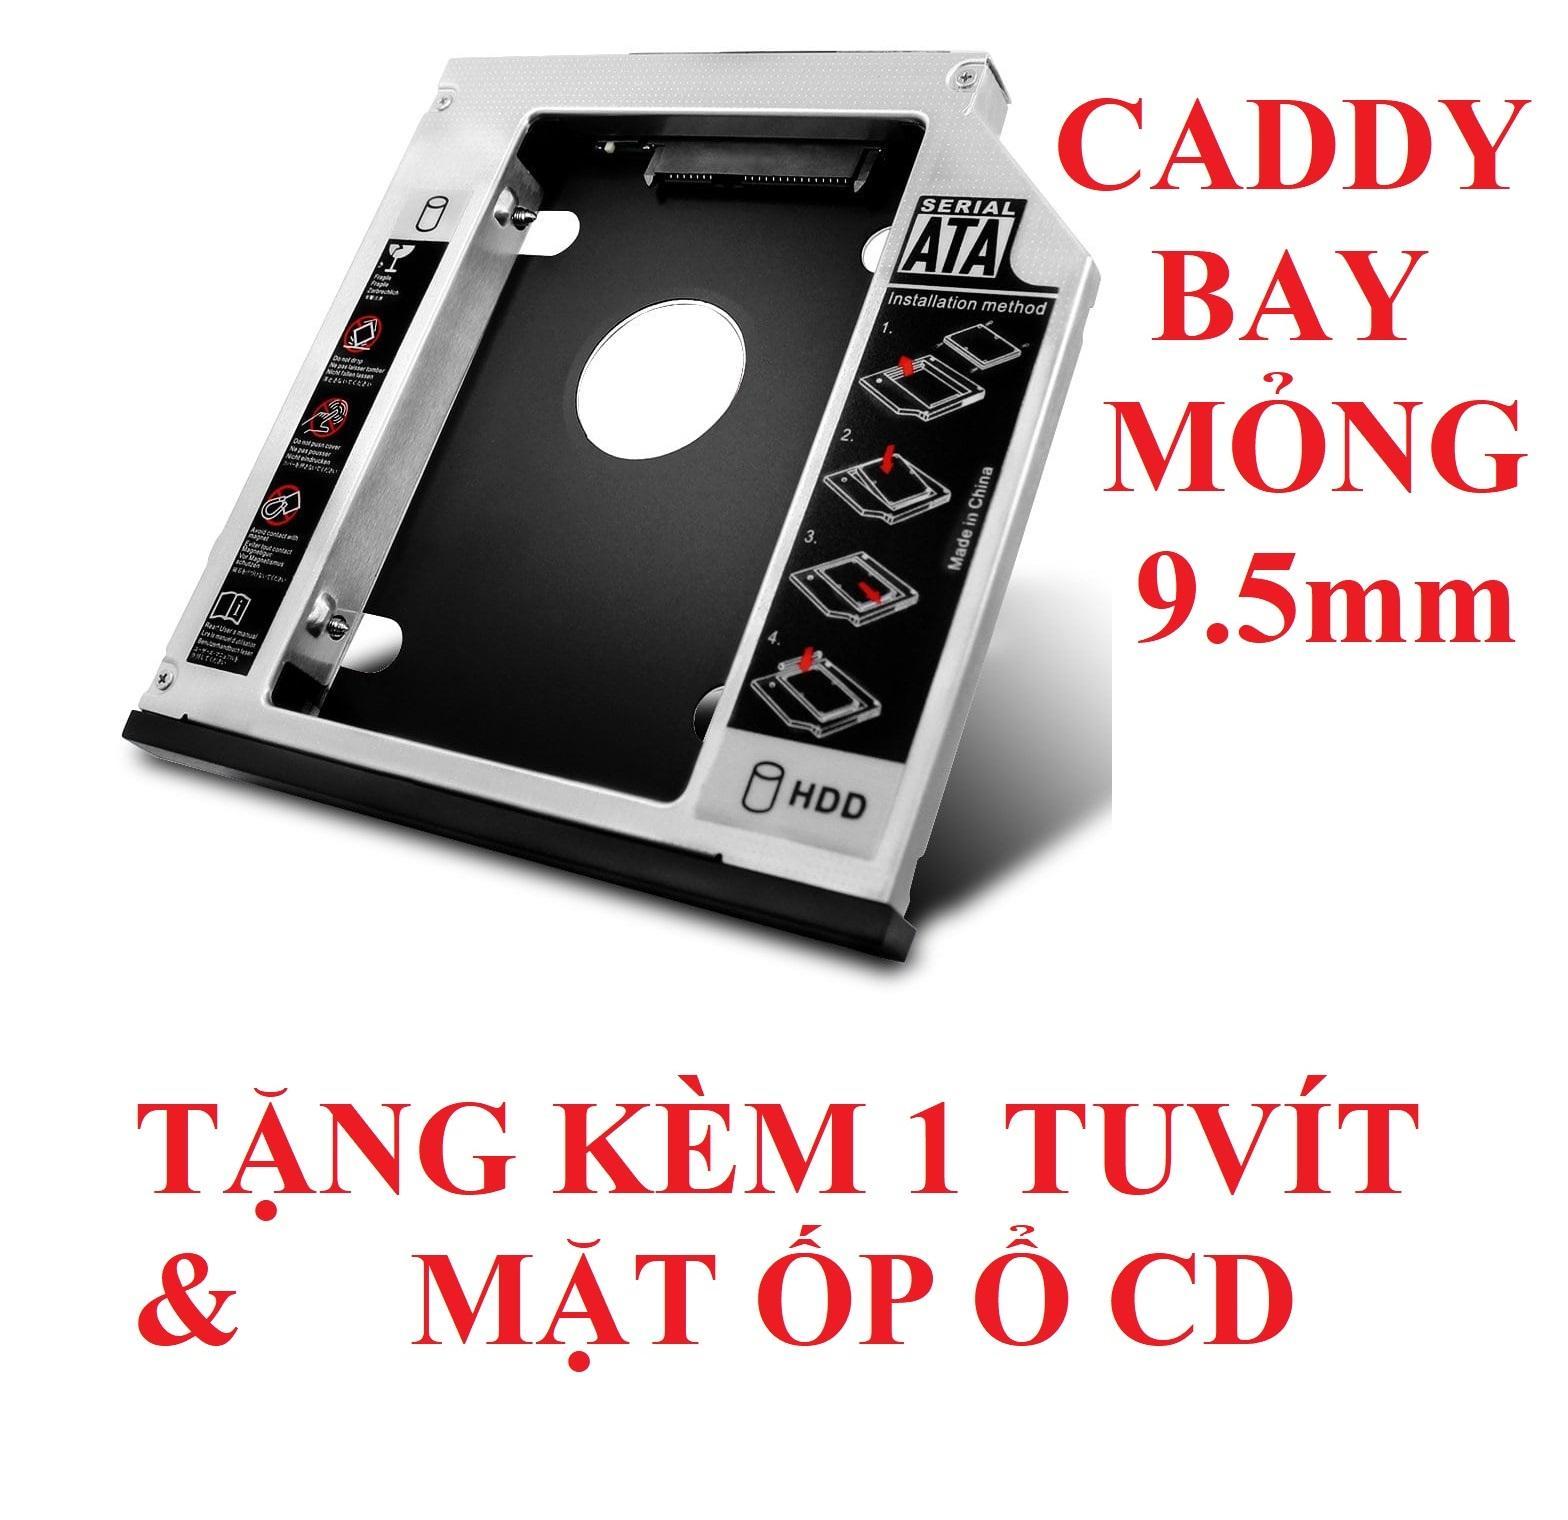 Khay gắn HDD/SSD cổng DVD - Caddy Bay SATA gắn thêm ổ cứng cho Laptop 9.5mm Mỏng - oden0240